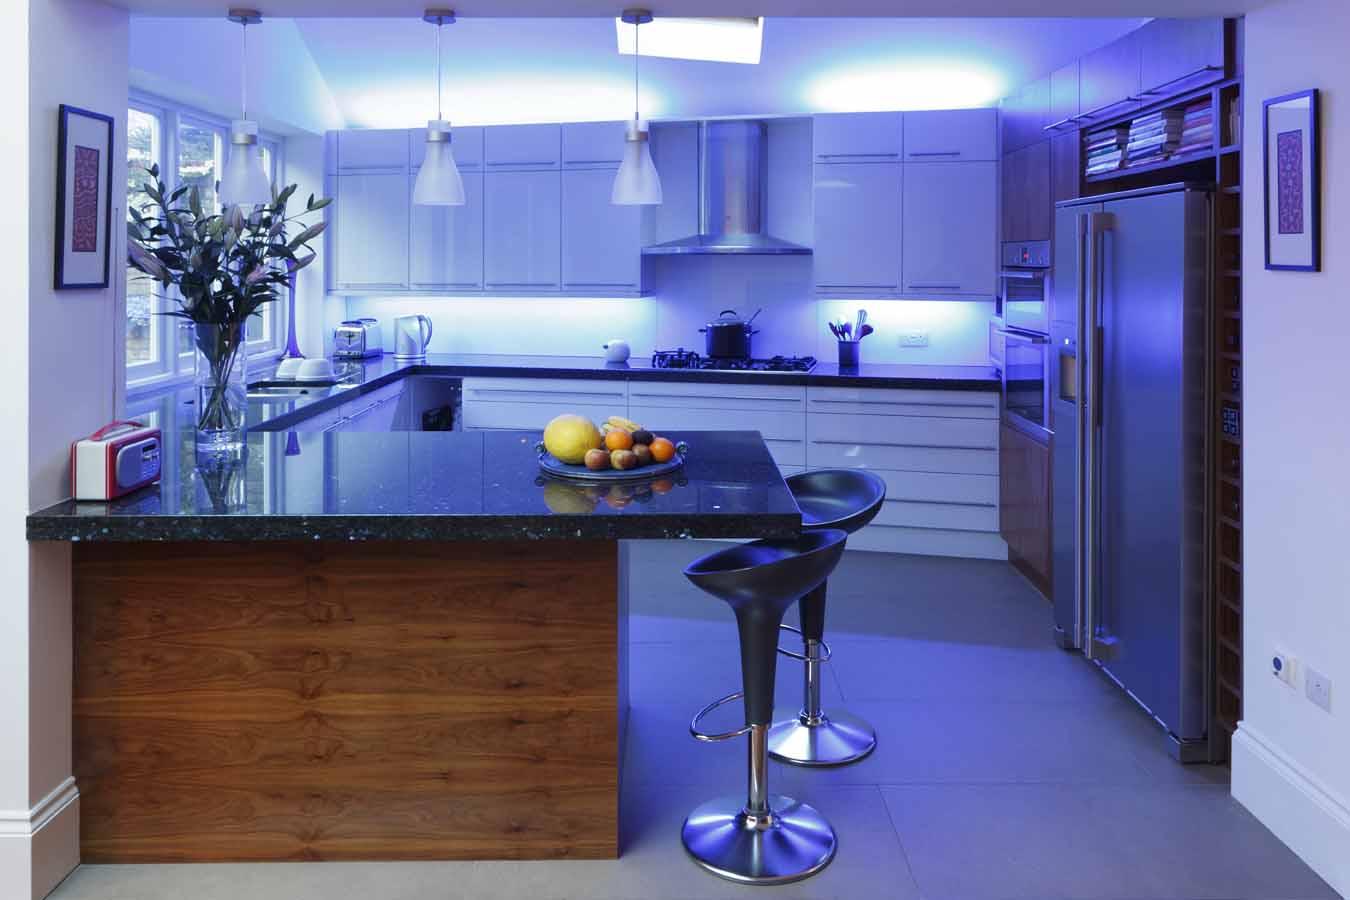 نورپردازی آشپزخانه با منابع نوری مخفی-روشن نمودن میز کار و سطح بالایی کابینت ها. همانطور که می بینید جهت کاهش تاثیر گرمای پخت و پز از رنگ های سرد بهره برده شده است.